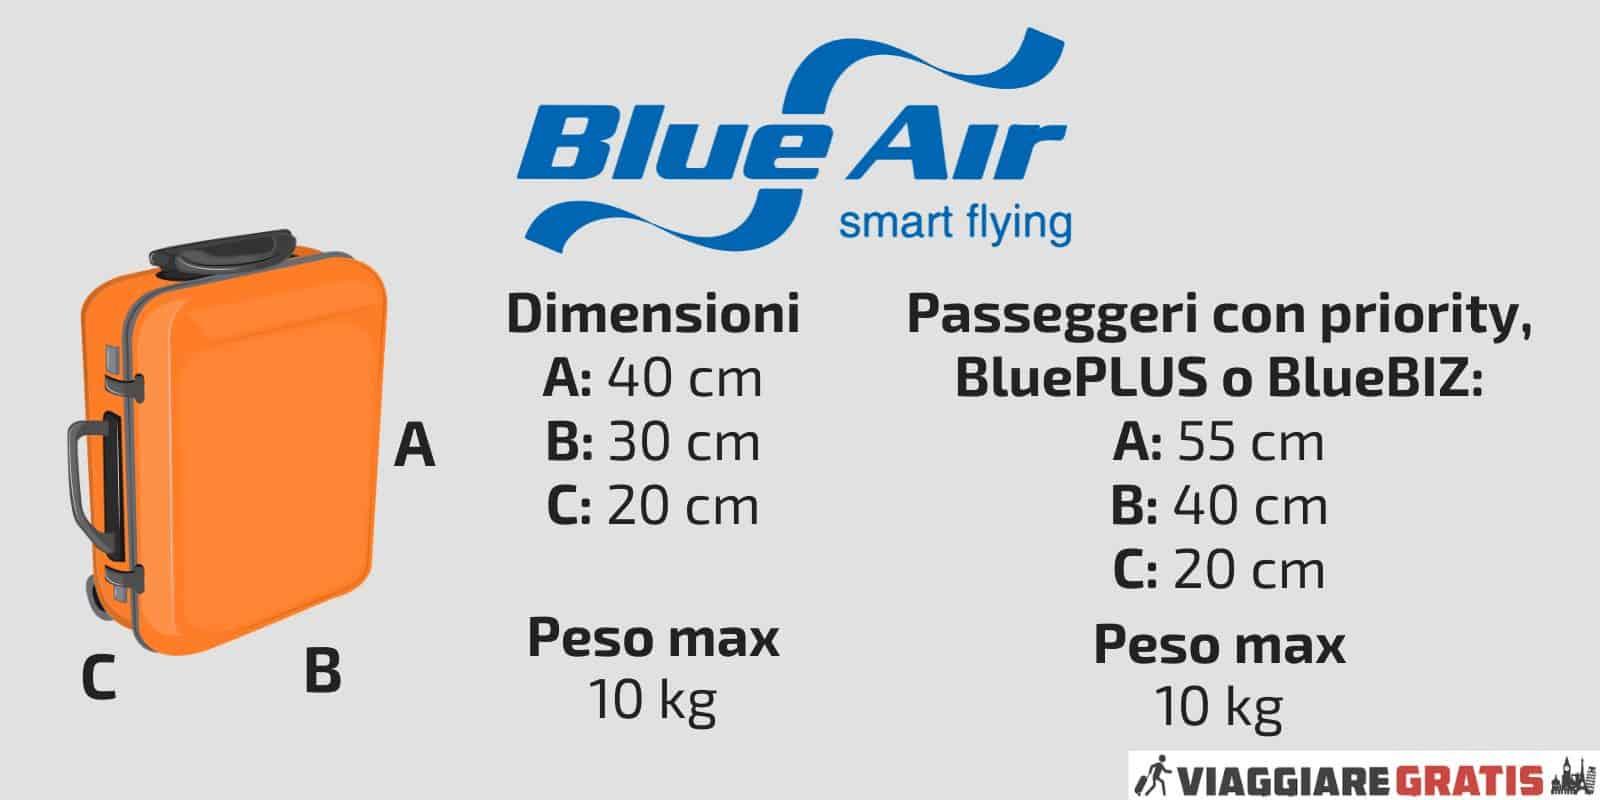 Blue Air bagagli